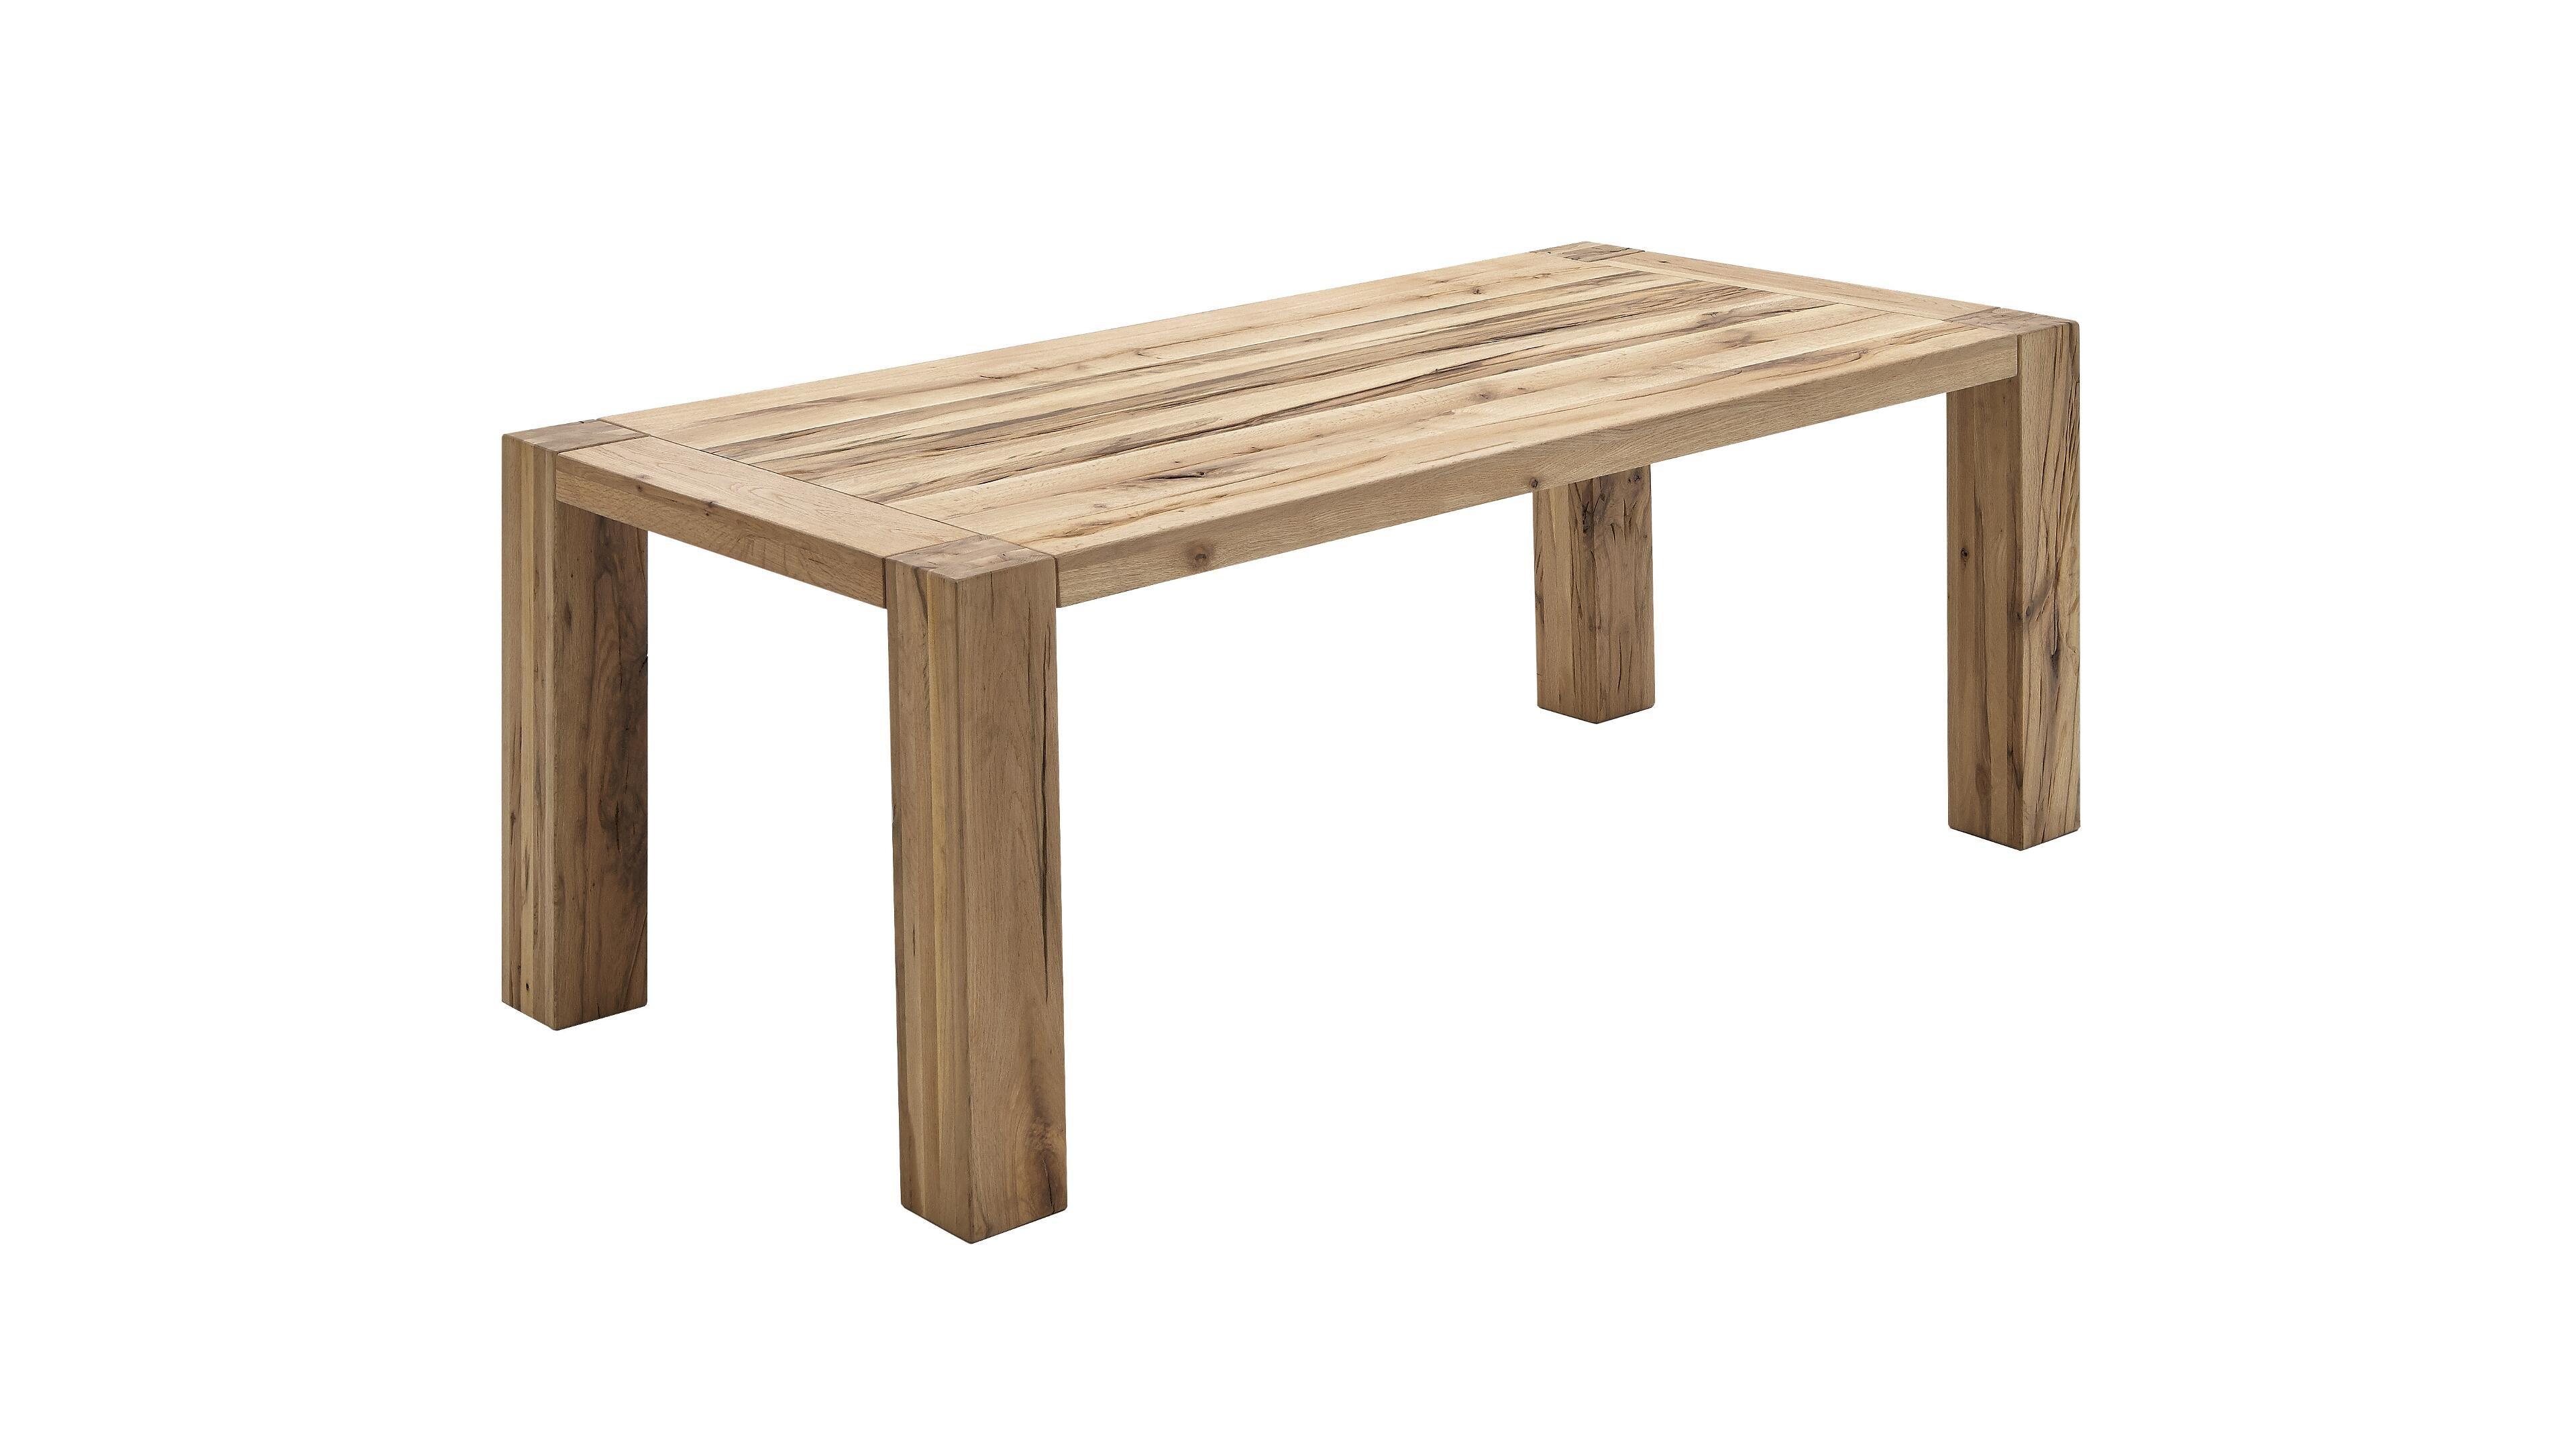 Tisch Vintage-Dining-Tische, Bank 5963 = Balkeneiche massiv